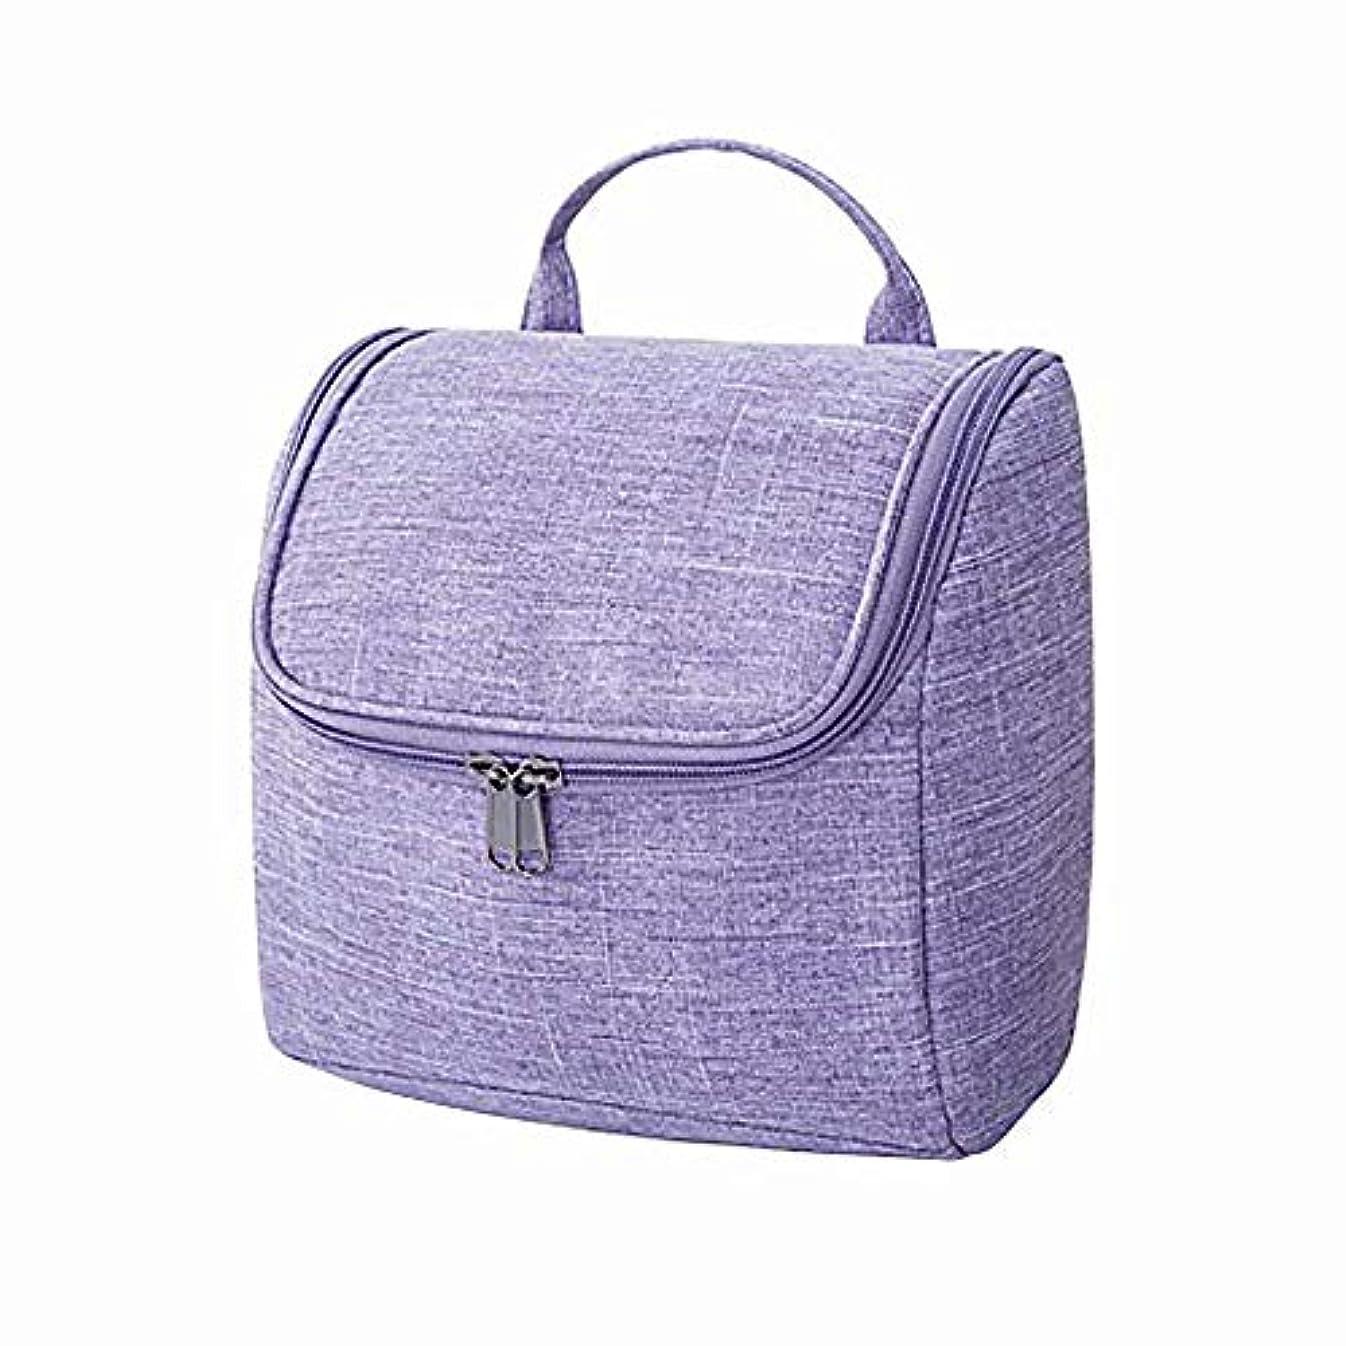 クーポン貢献支給トイレタリーバッグぶら下げ旅行トイレタリー化粧品バッグは男性と女性のためのハンドルとフック旅行トイレタリーオーガナイザーでバッグを構成しますメッシュポケットパープルパープル防水